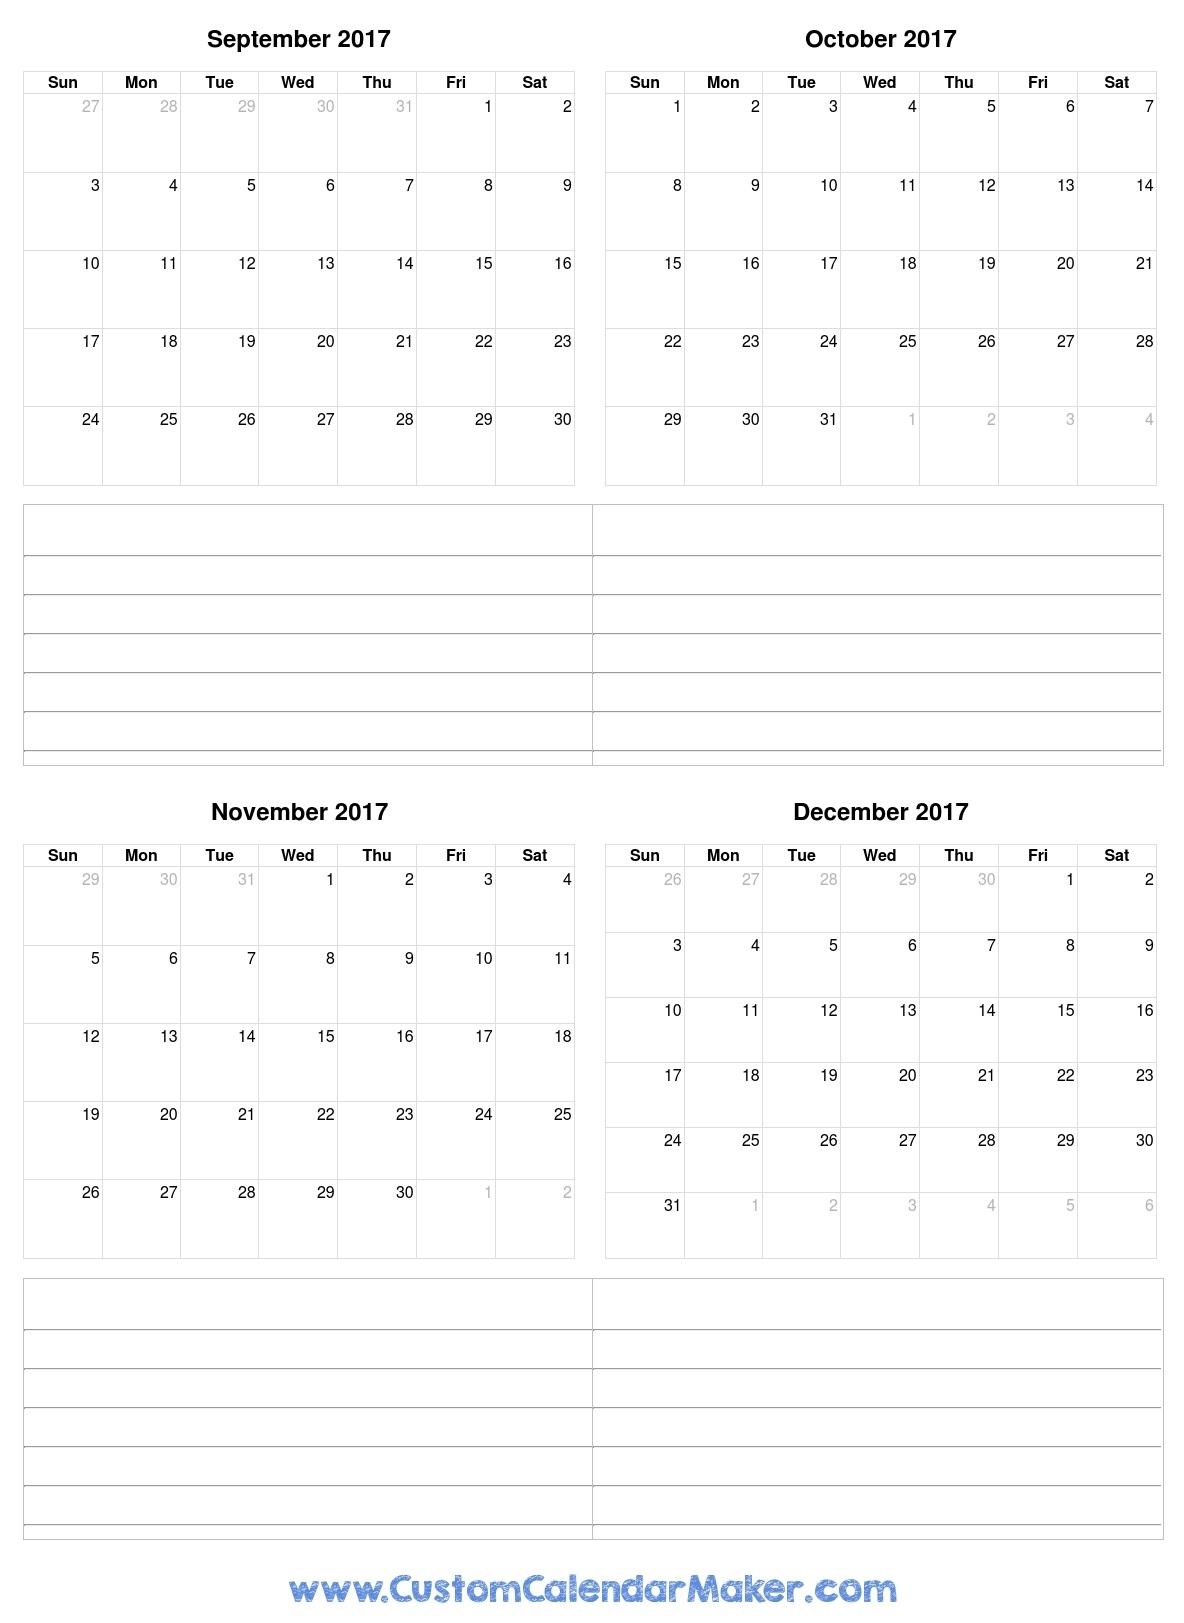 September To December 2017 Calendar Printable For Free inside Nov Dec 2017 Calendar Printable